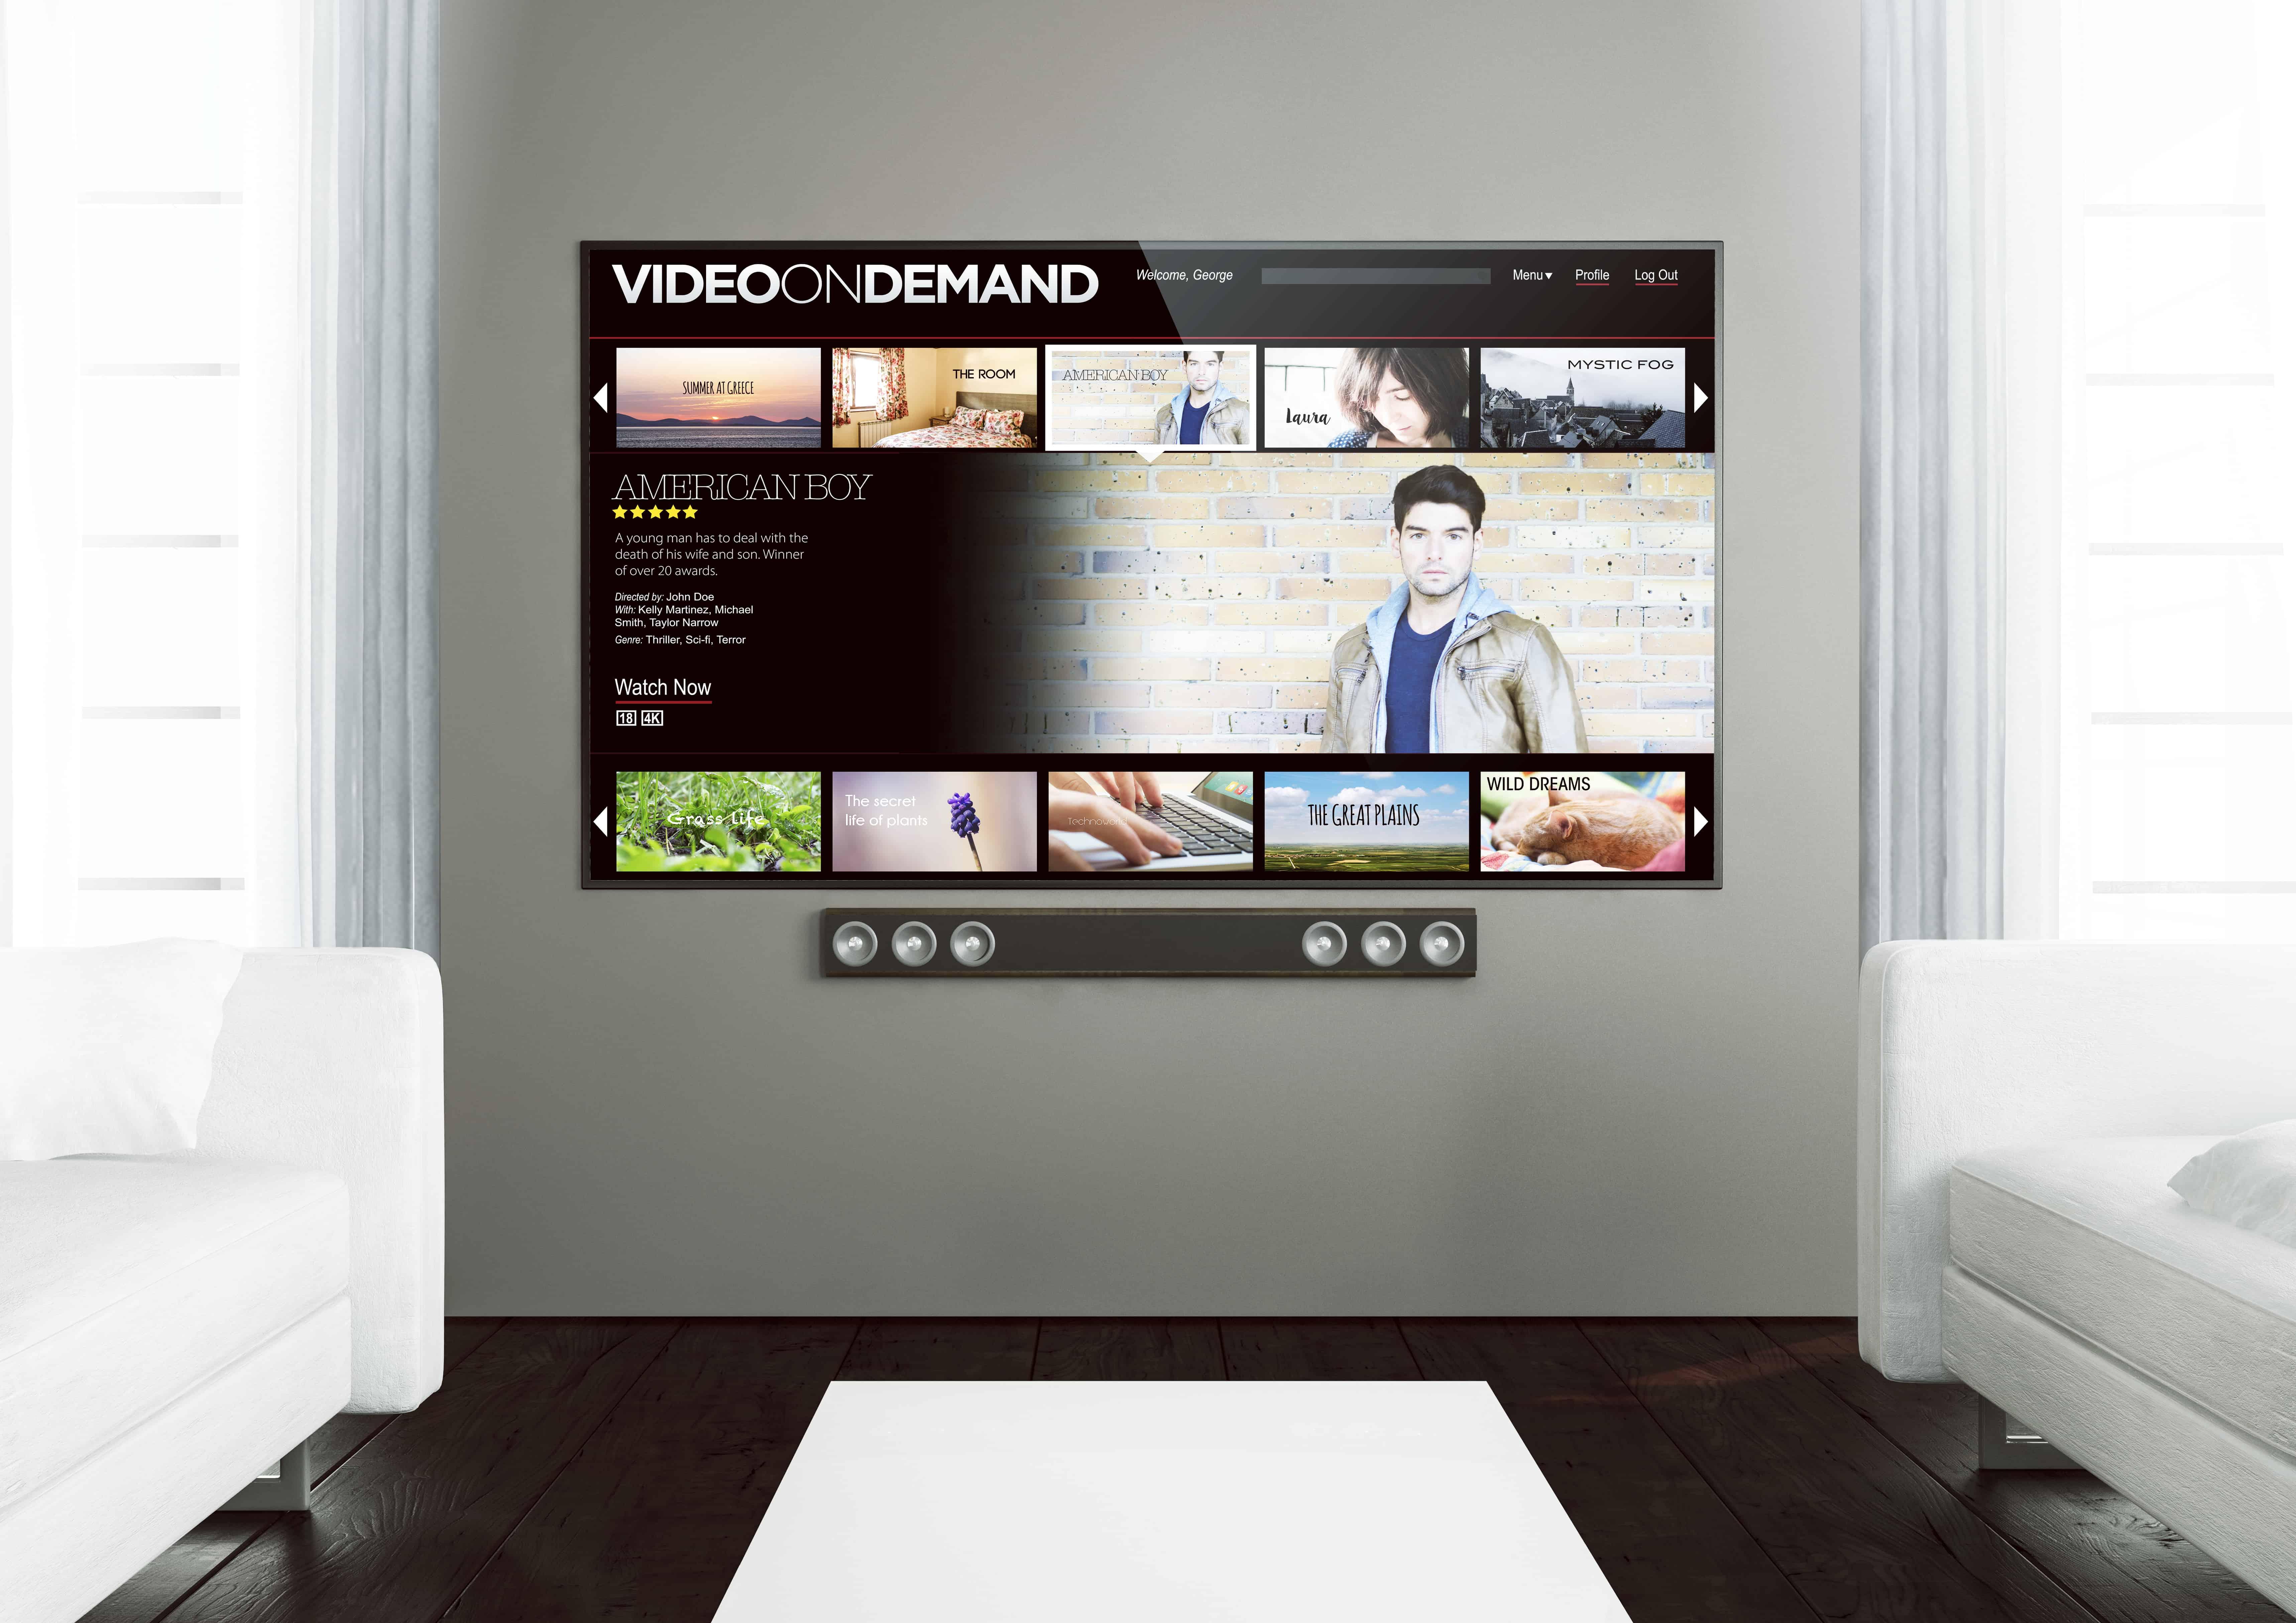 50 Zoll Fernseher Test Empfehlungen 11 19 Heimkinoheld